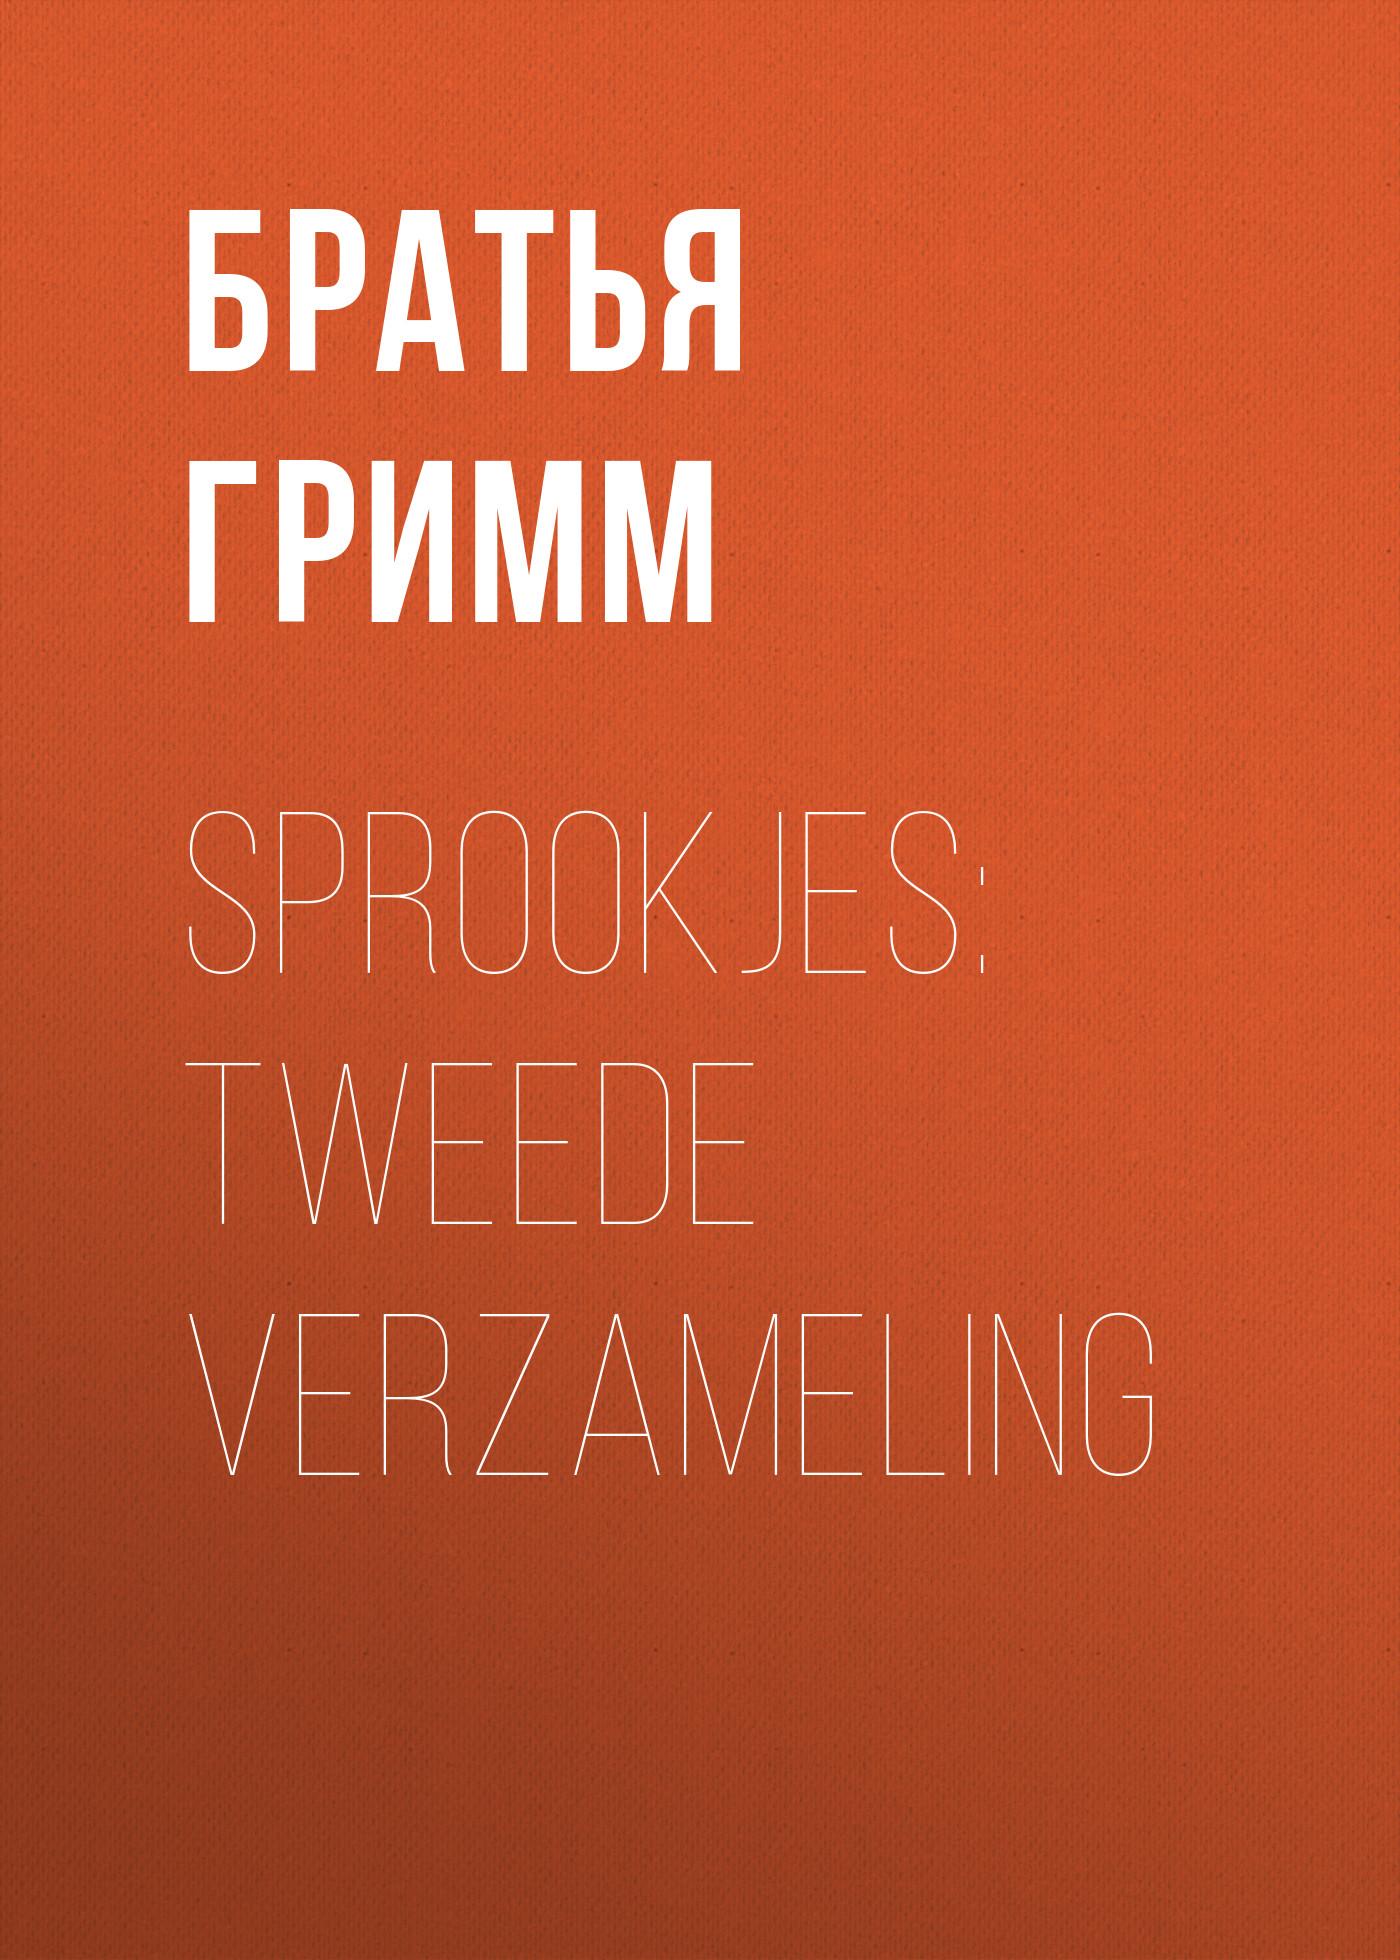 Братья Гримм Sprookjes: Tweede verzameling братья гримм волшебный горшочек сборник